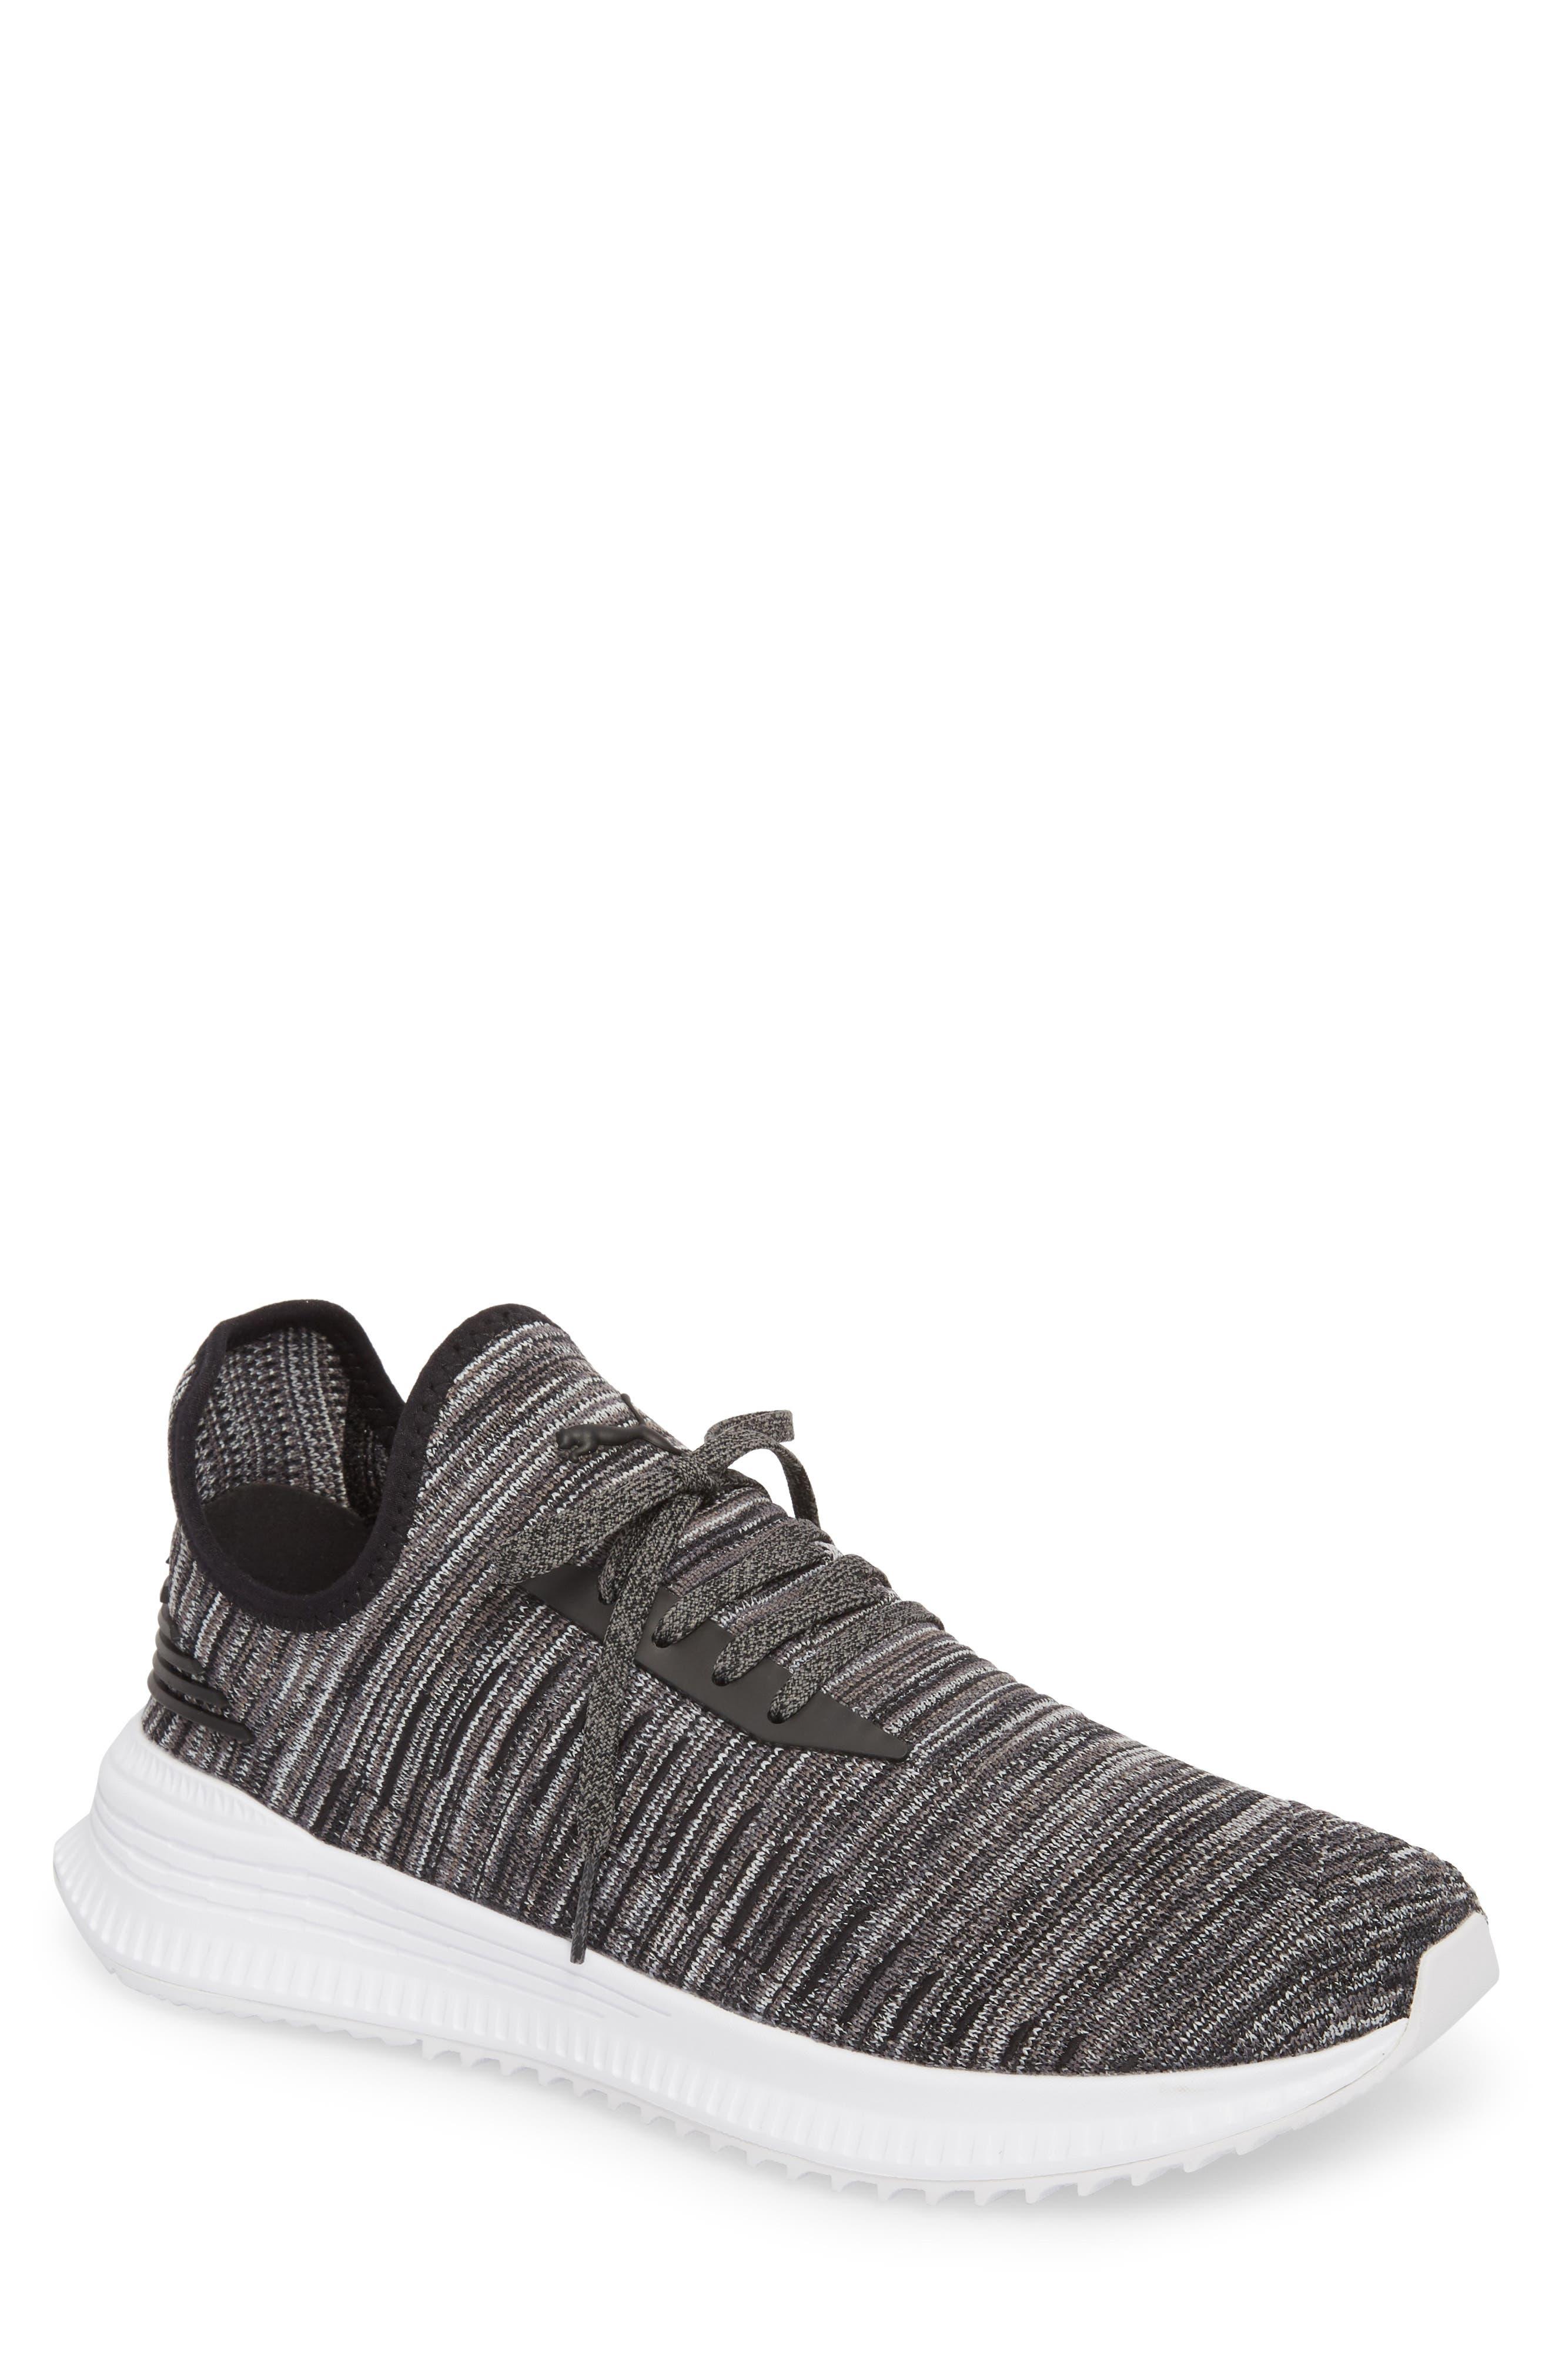 Tsugi 90 Sneaker,                         Main,                         color, Black